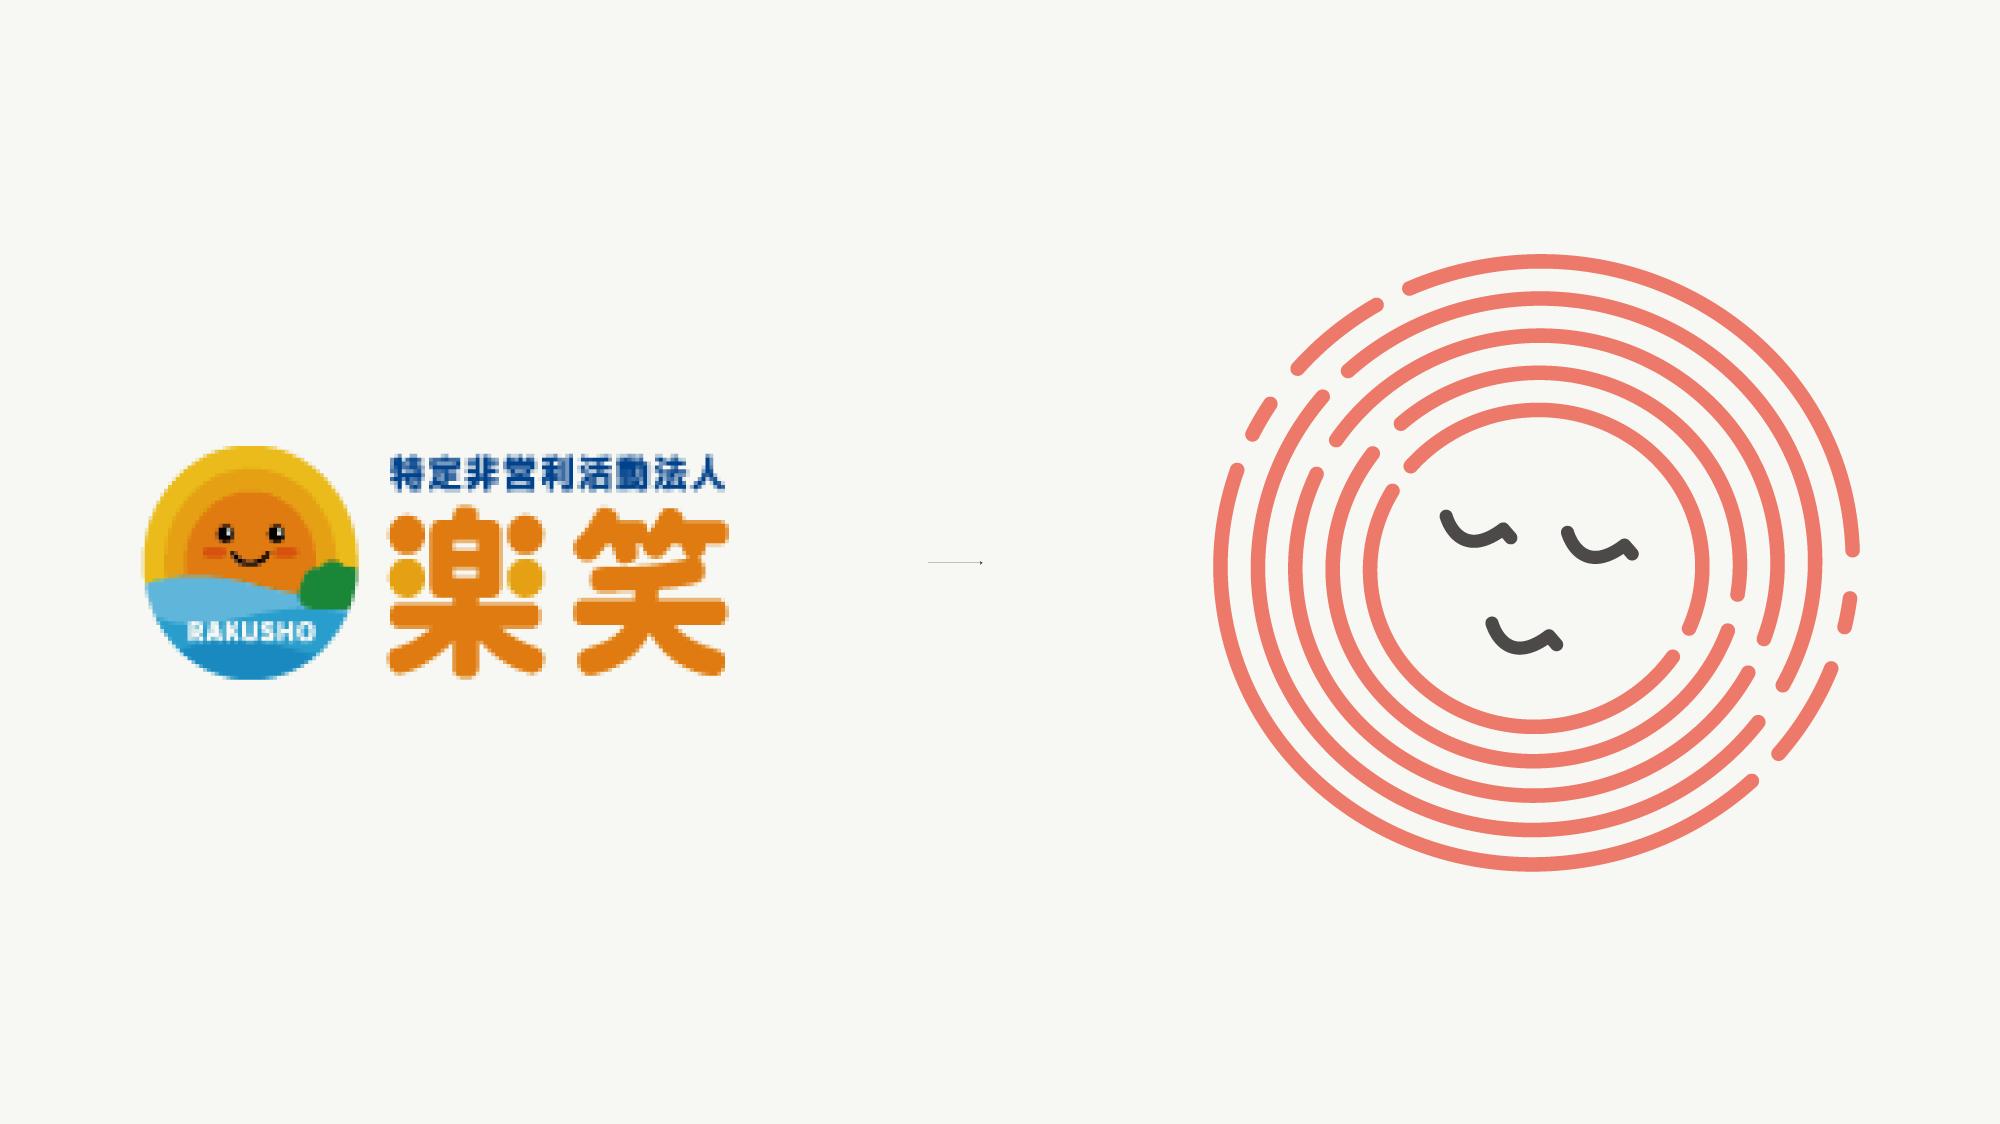 新旧のロゴデザイン